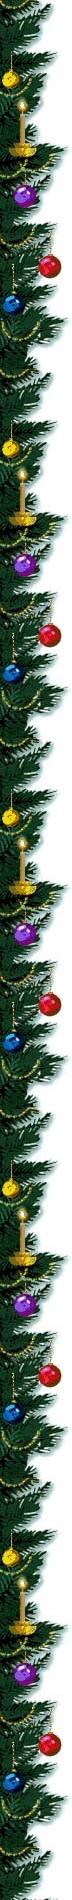 treeborder 3